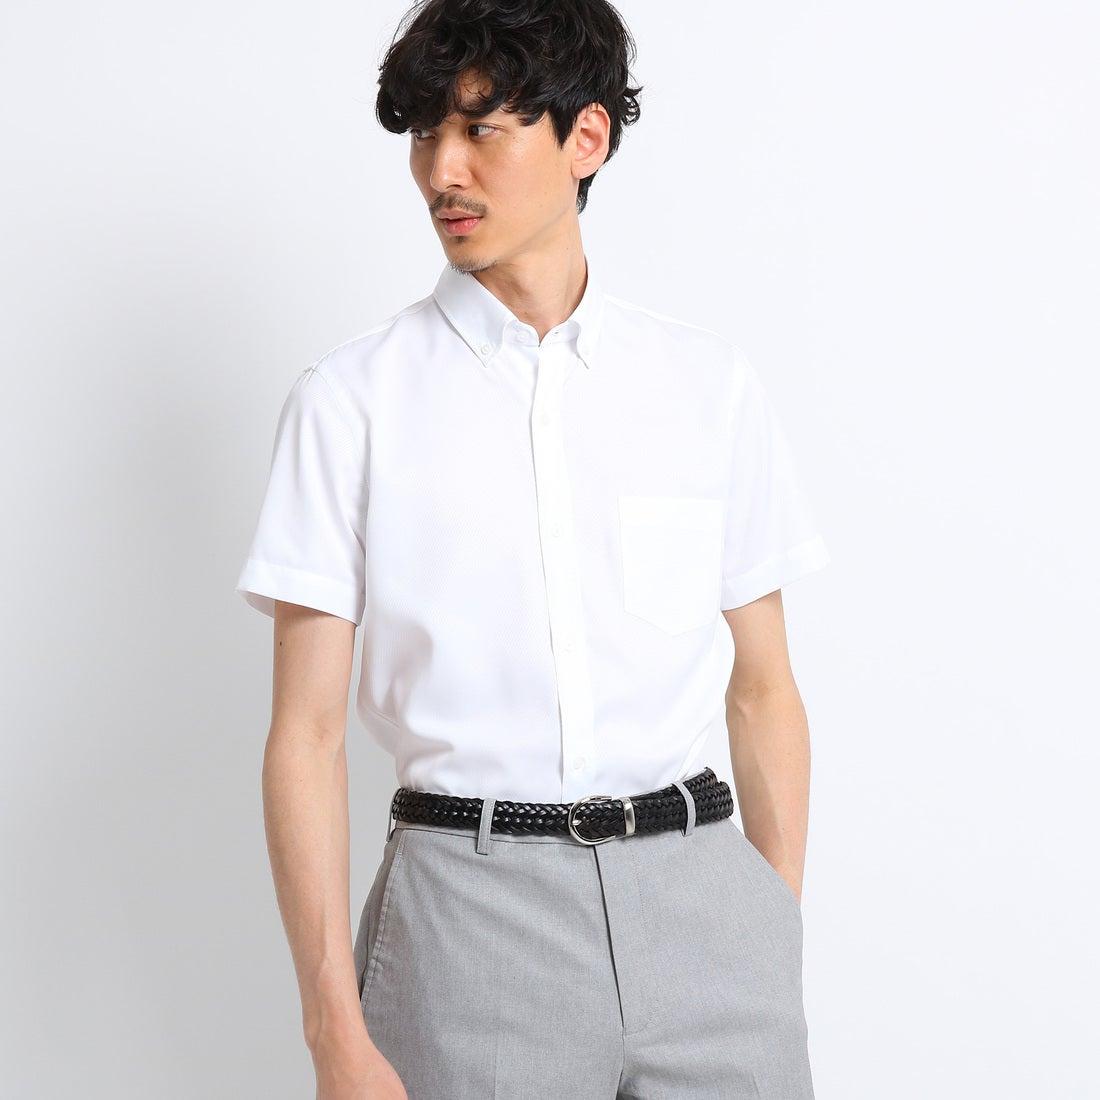 タケオ キクチ TAKEO KIKUCHI 【 洗える 】 ドビーカルゼスーパードライシャツ [ メンズ シャツ クールビズ ] (ホワイト)